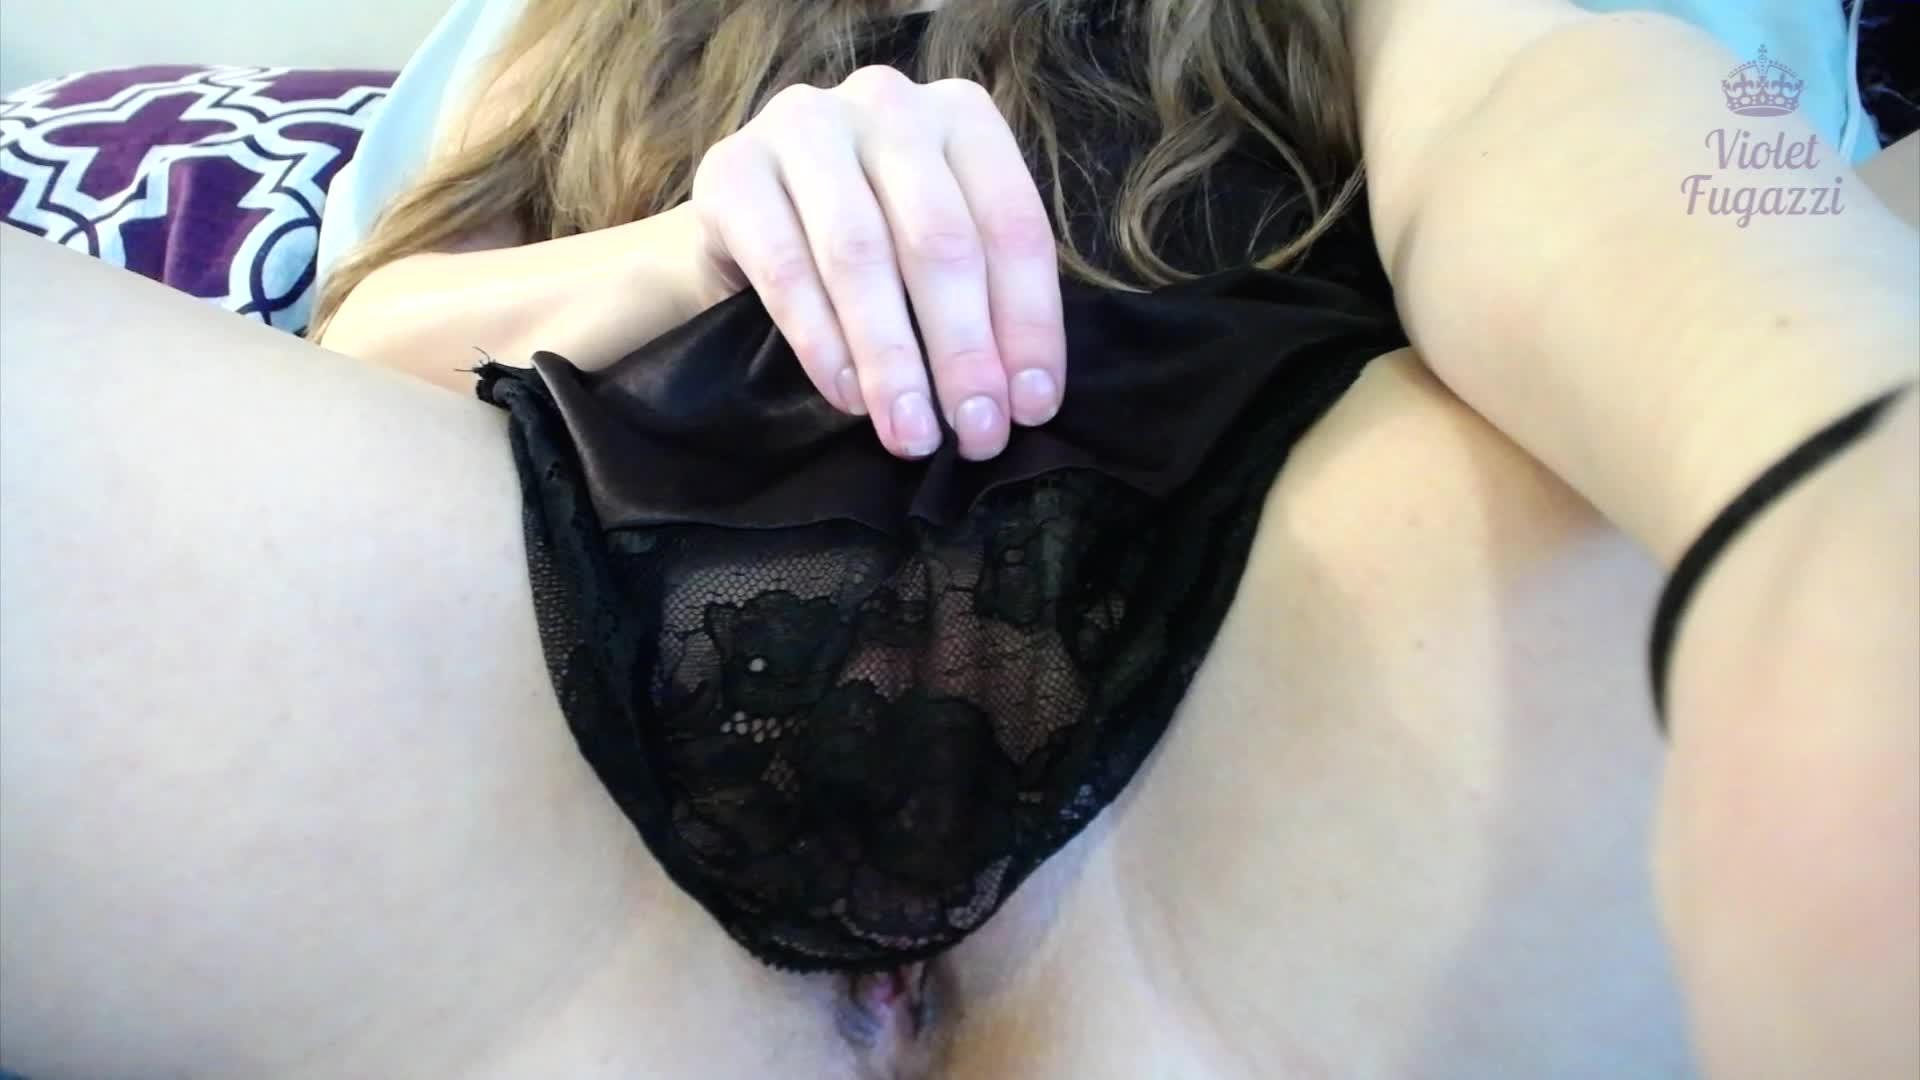 VioletFugazzi'd vid